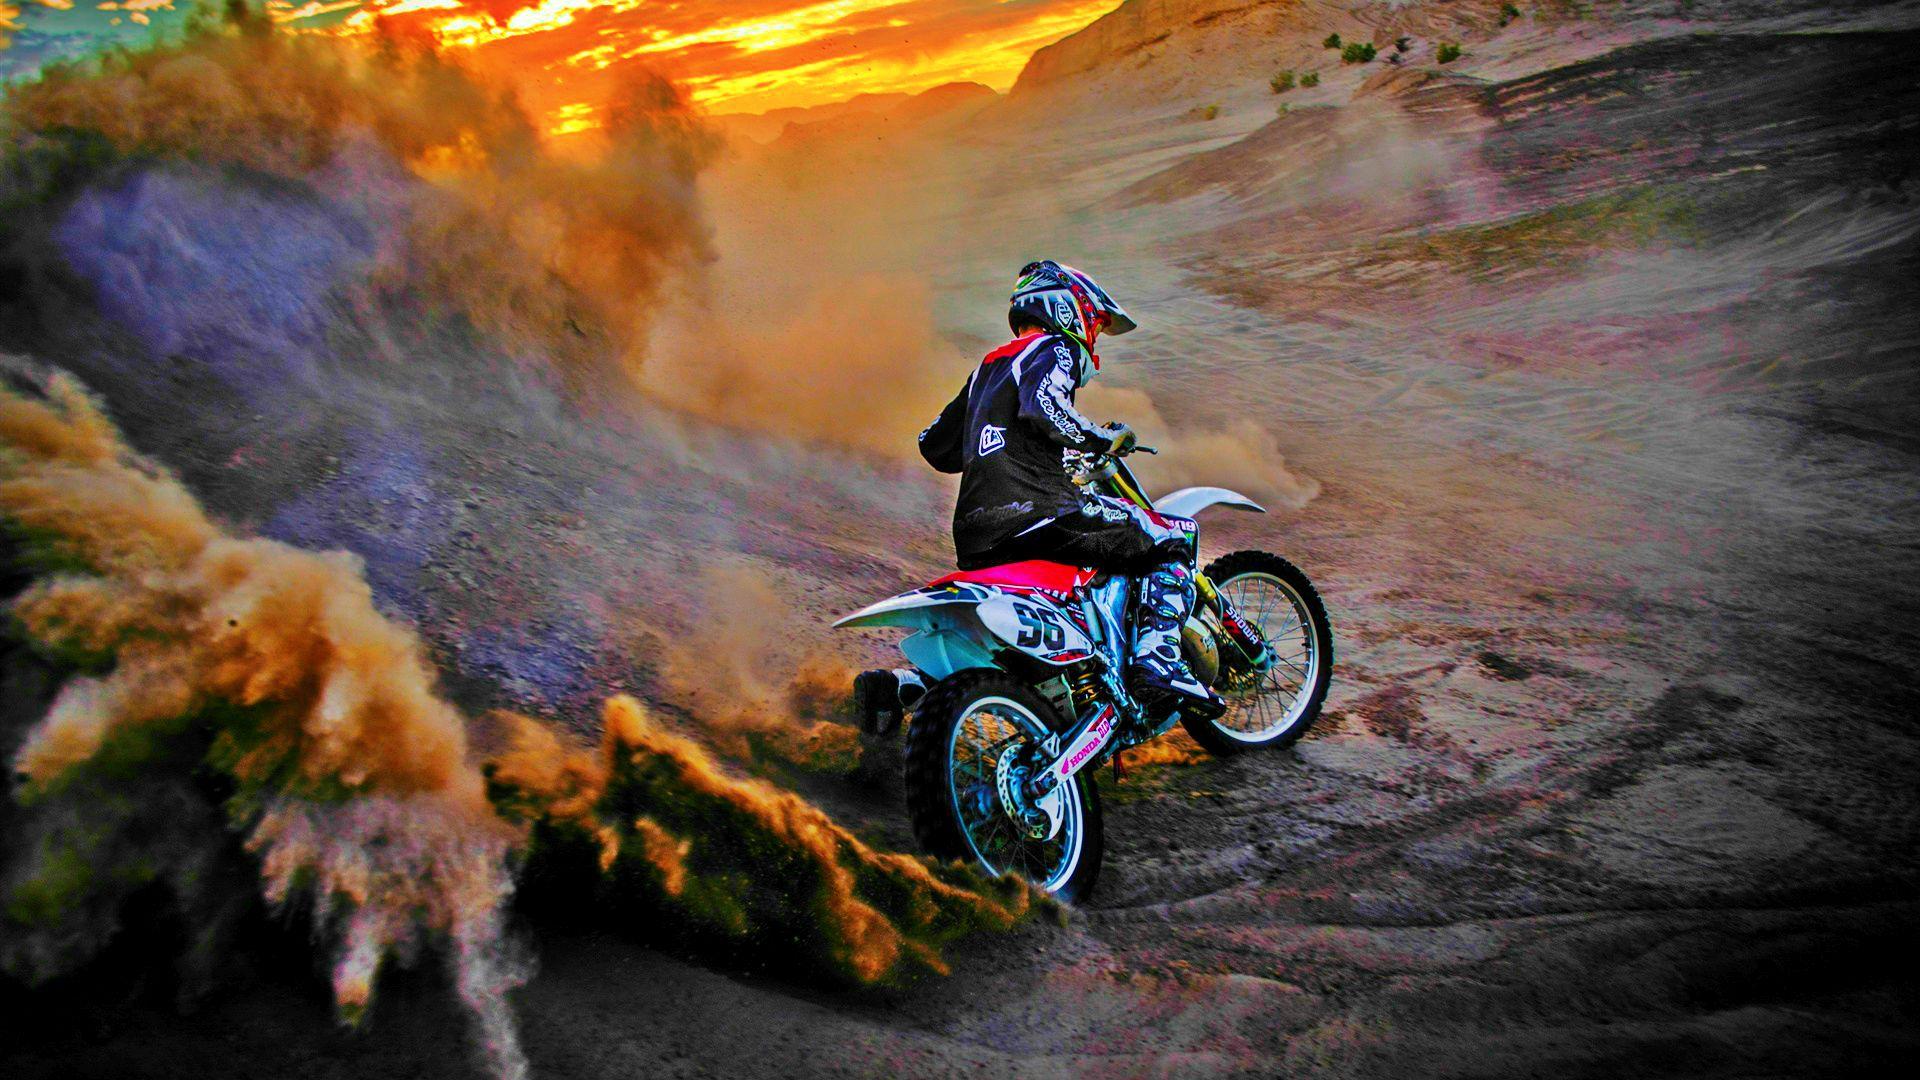 Fonds d'écran motos HD - Wallpaper